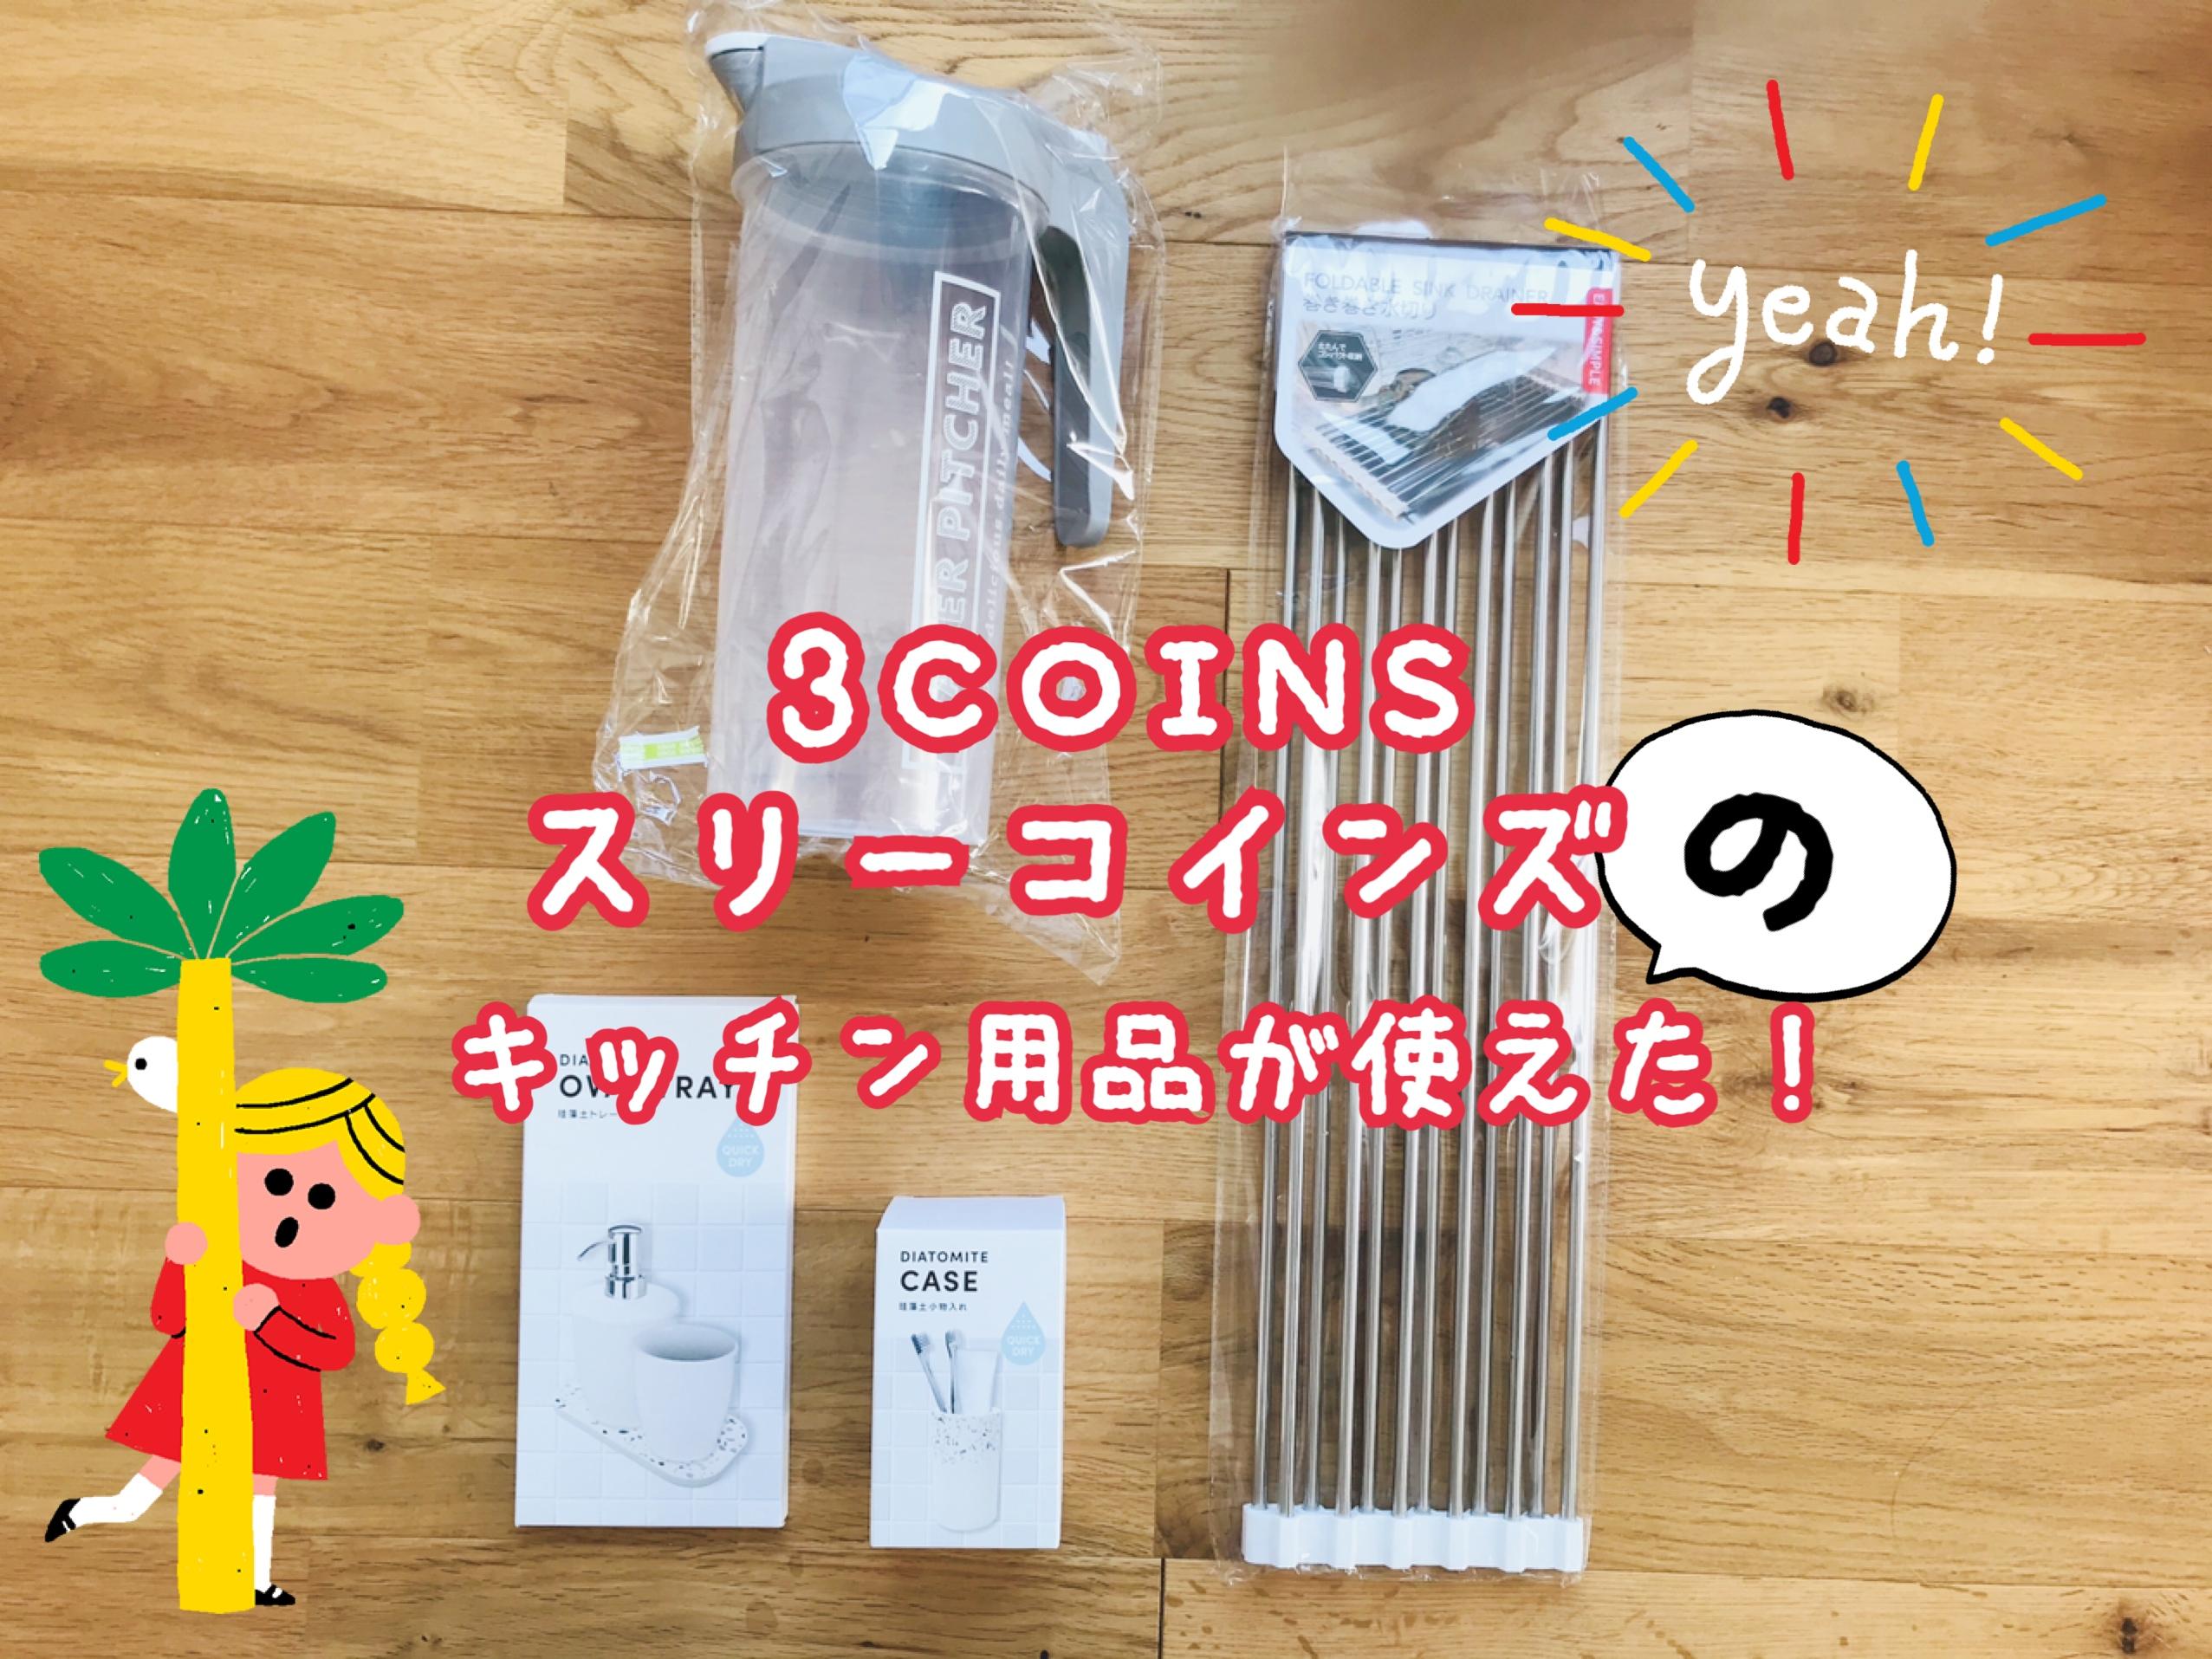 静岡 3coins